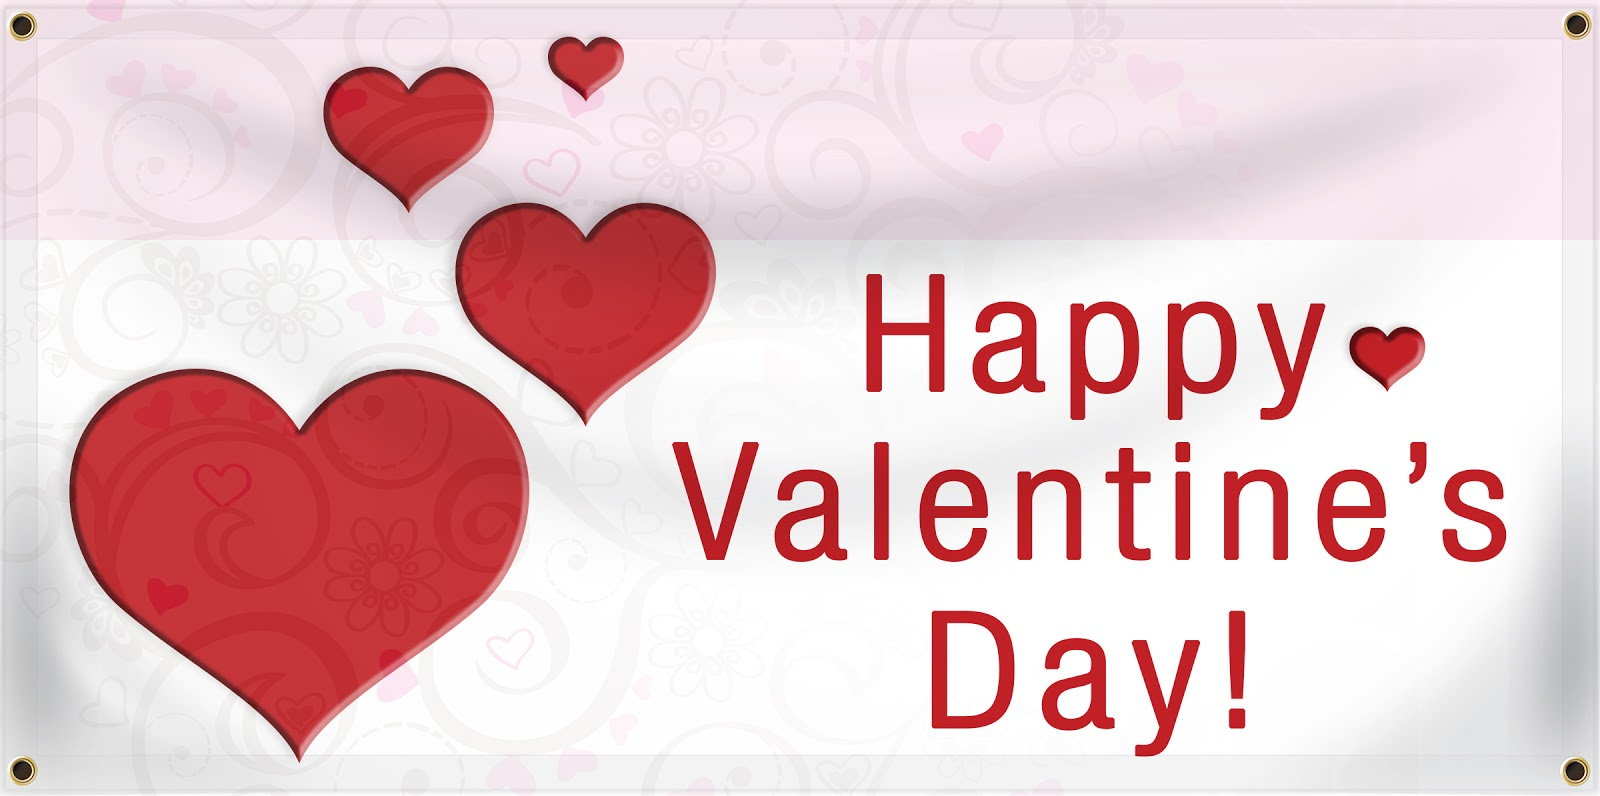 Schön Happy Valentineu0027s Day Banner | Banners.com